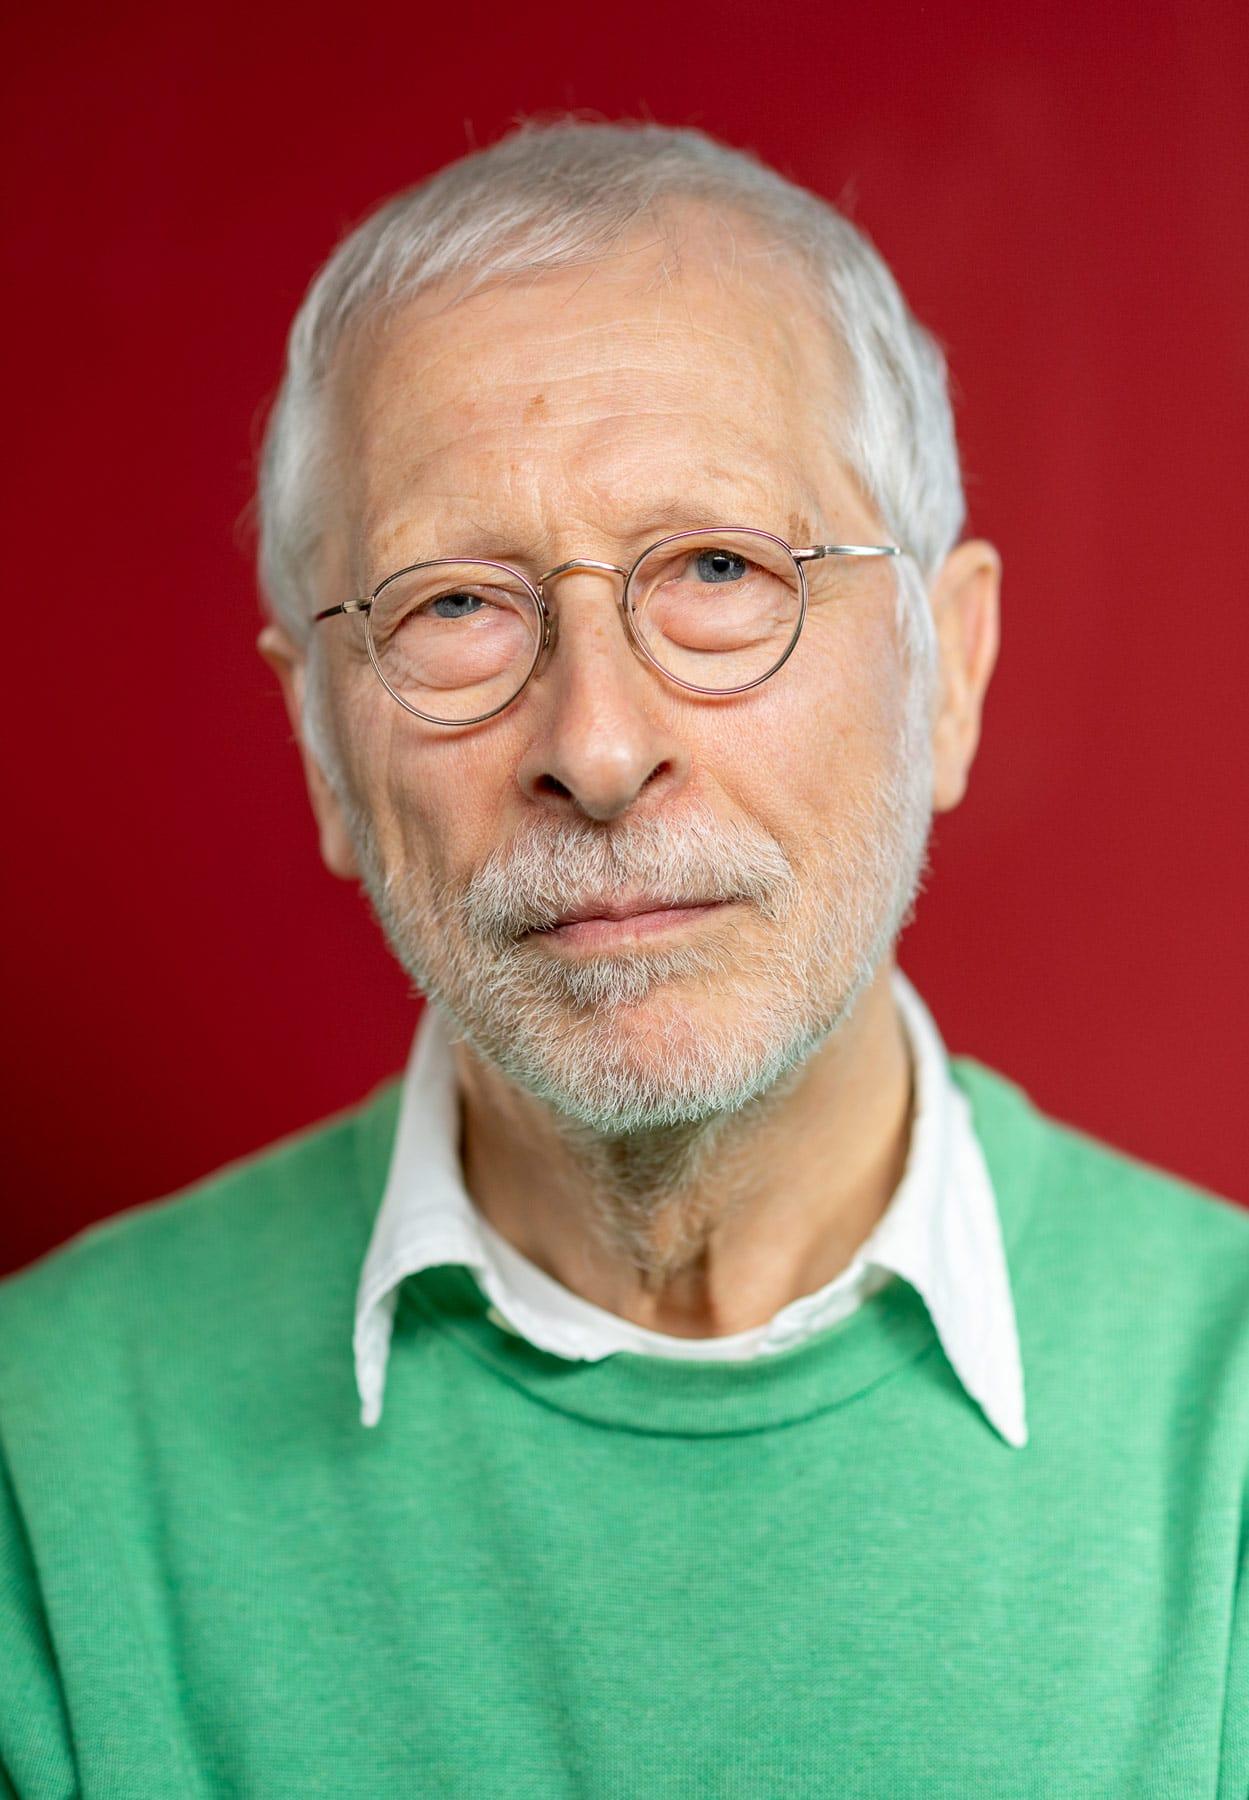 Portrait von eines älteren Mannes vor rotem Hintergrund